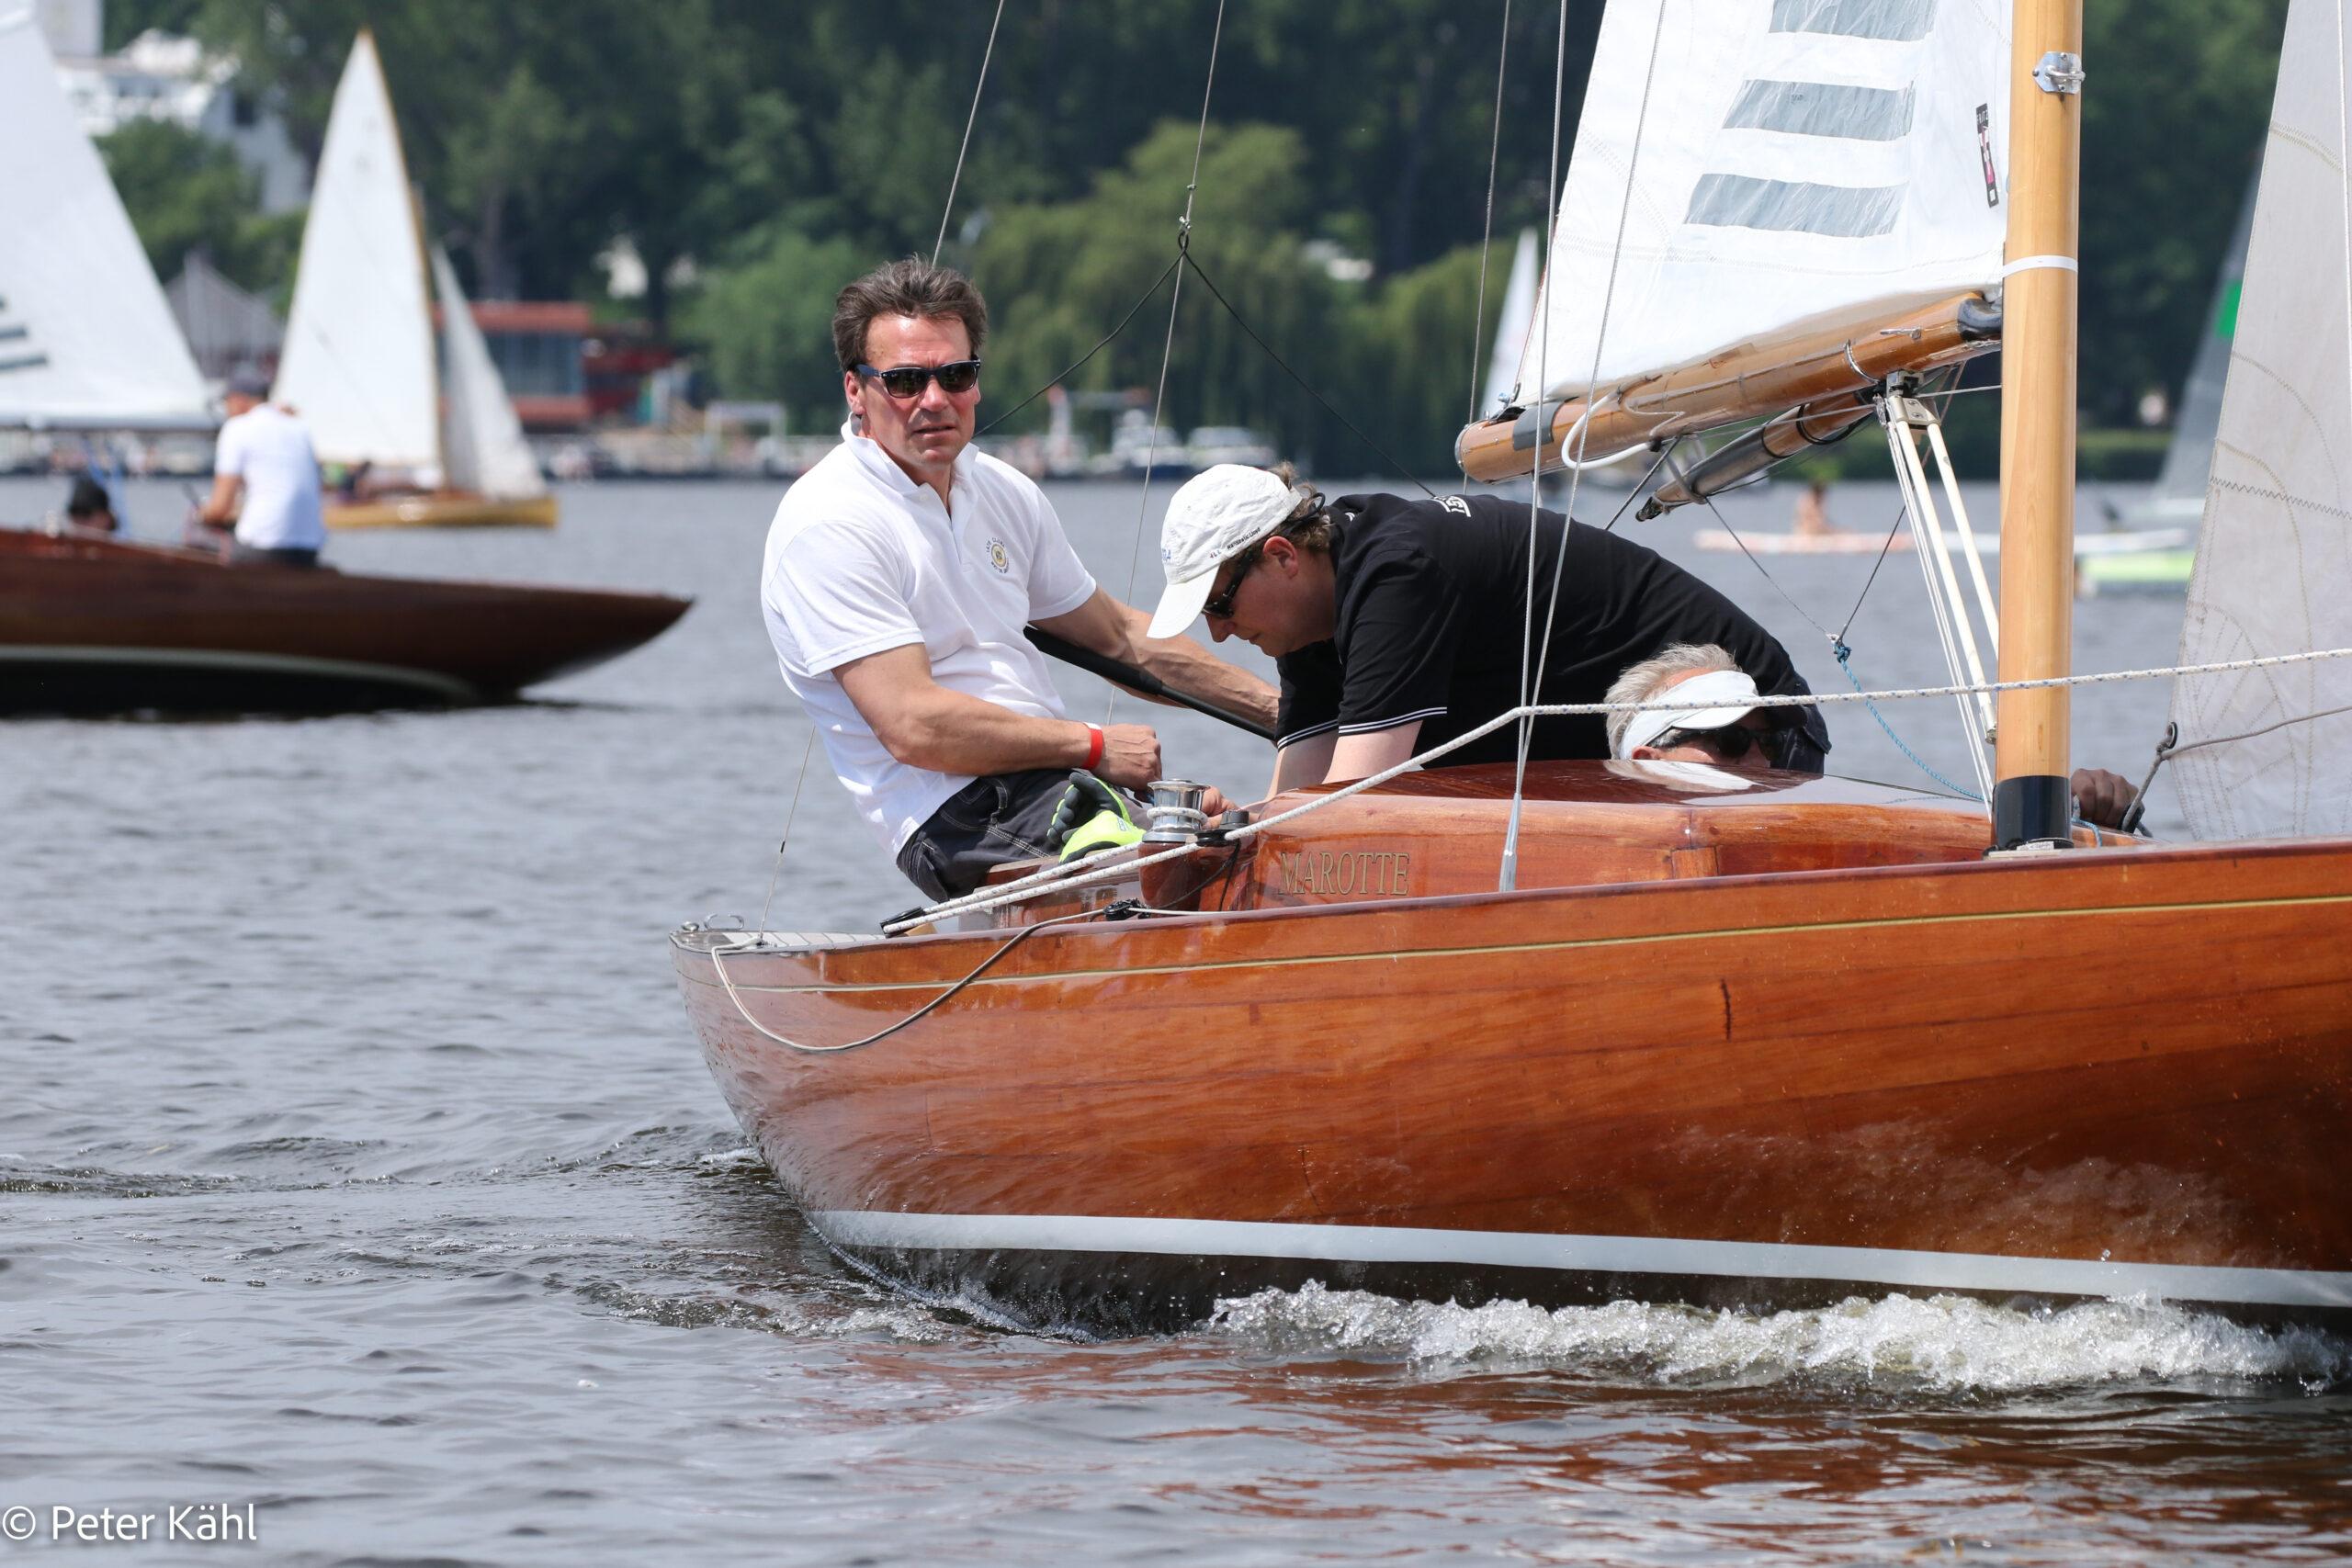 Sieger Holzdrachen Sînke Bruhns Jochen Halbig Philipp Dohse PK 1 2